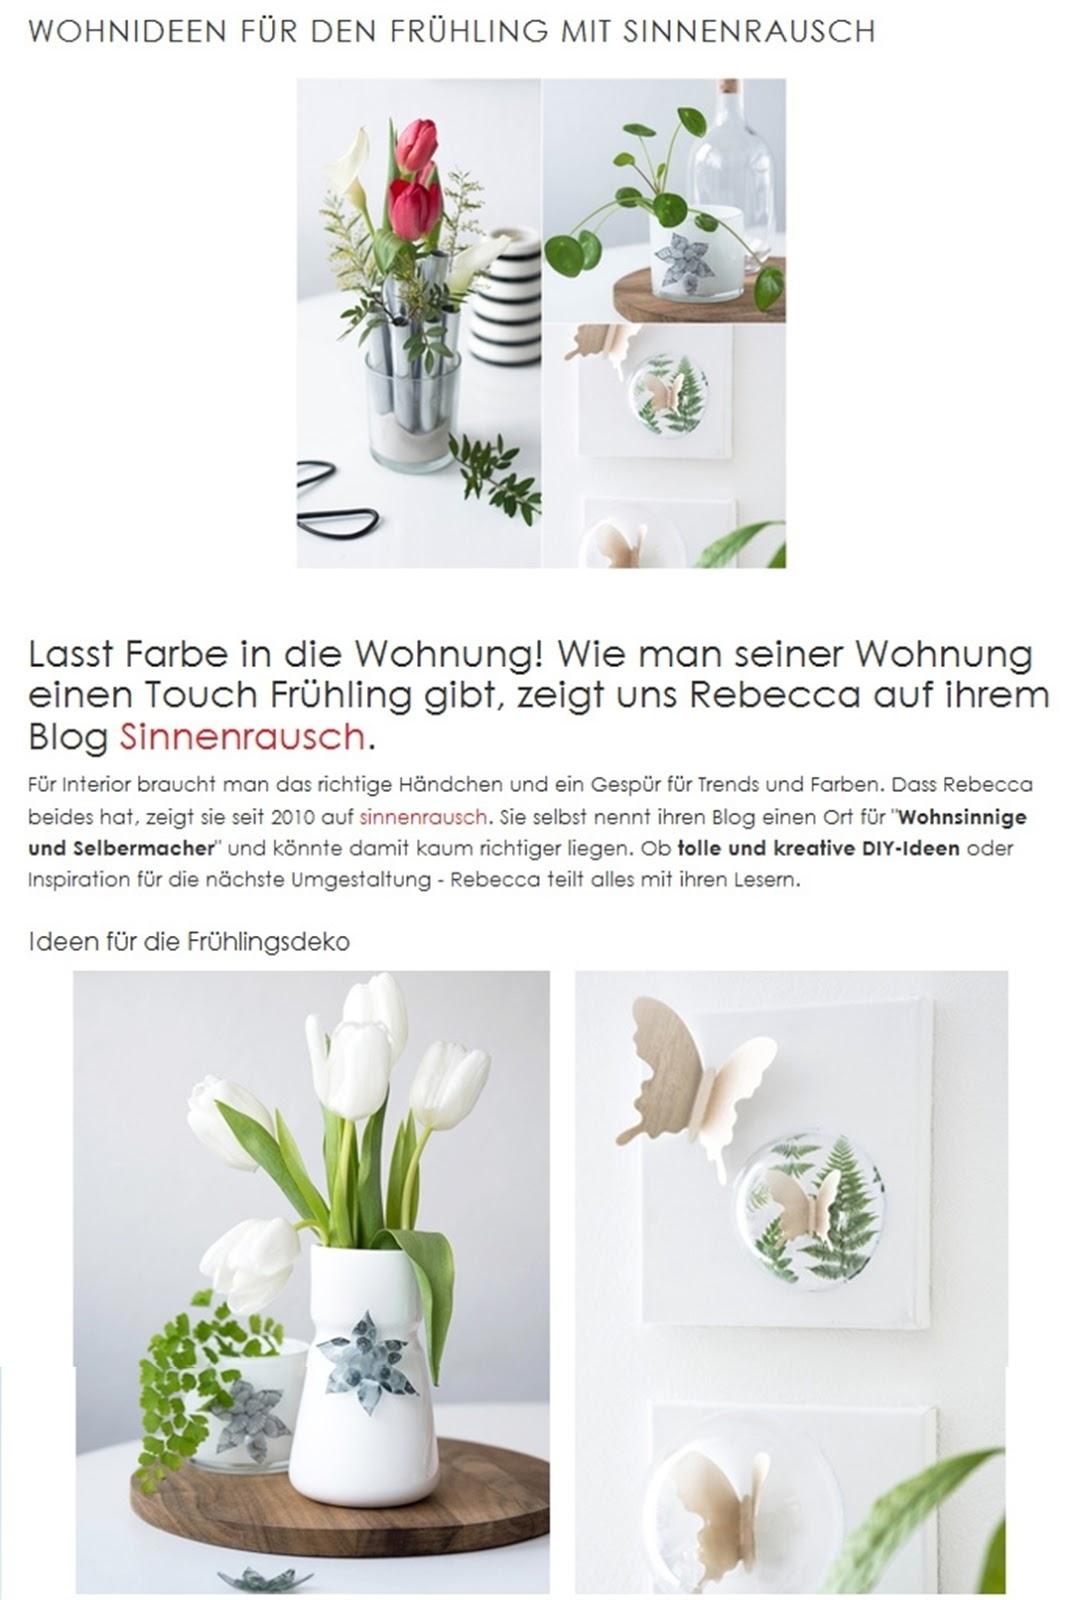 https://spottster.com/de/blog/wohnideen-fuer-den-fruehling-mit-sinnenrausch/